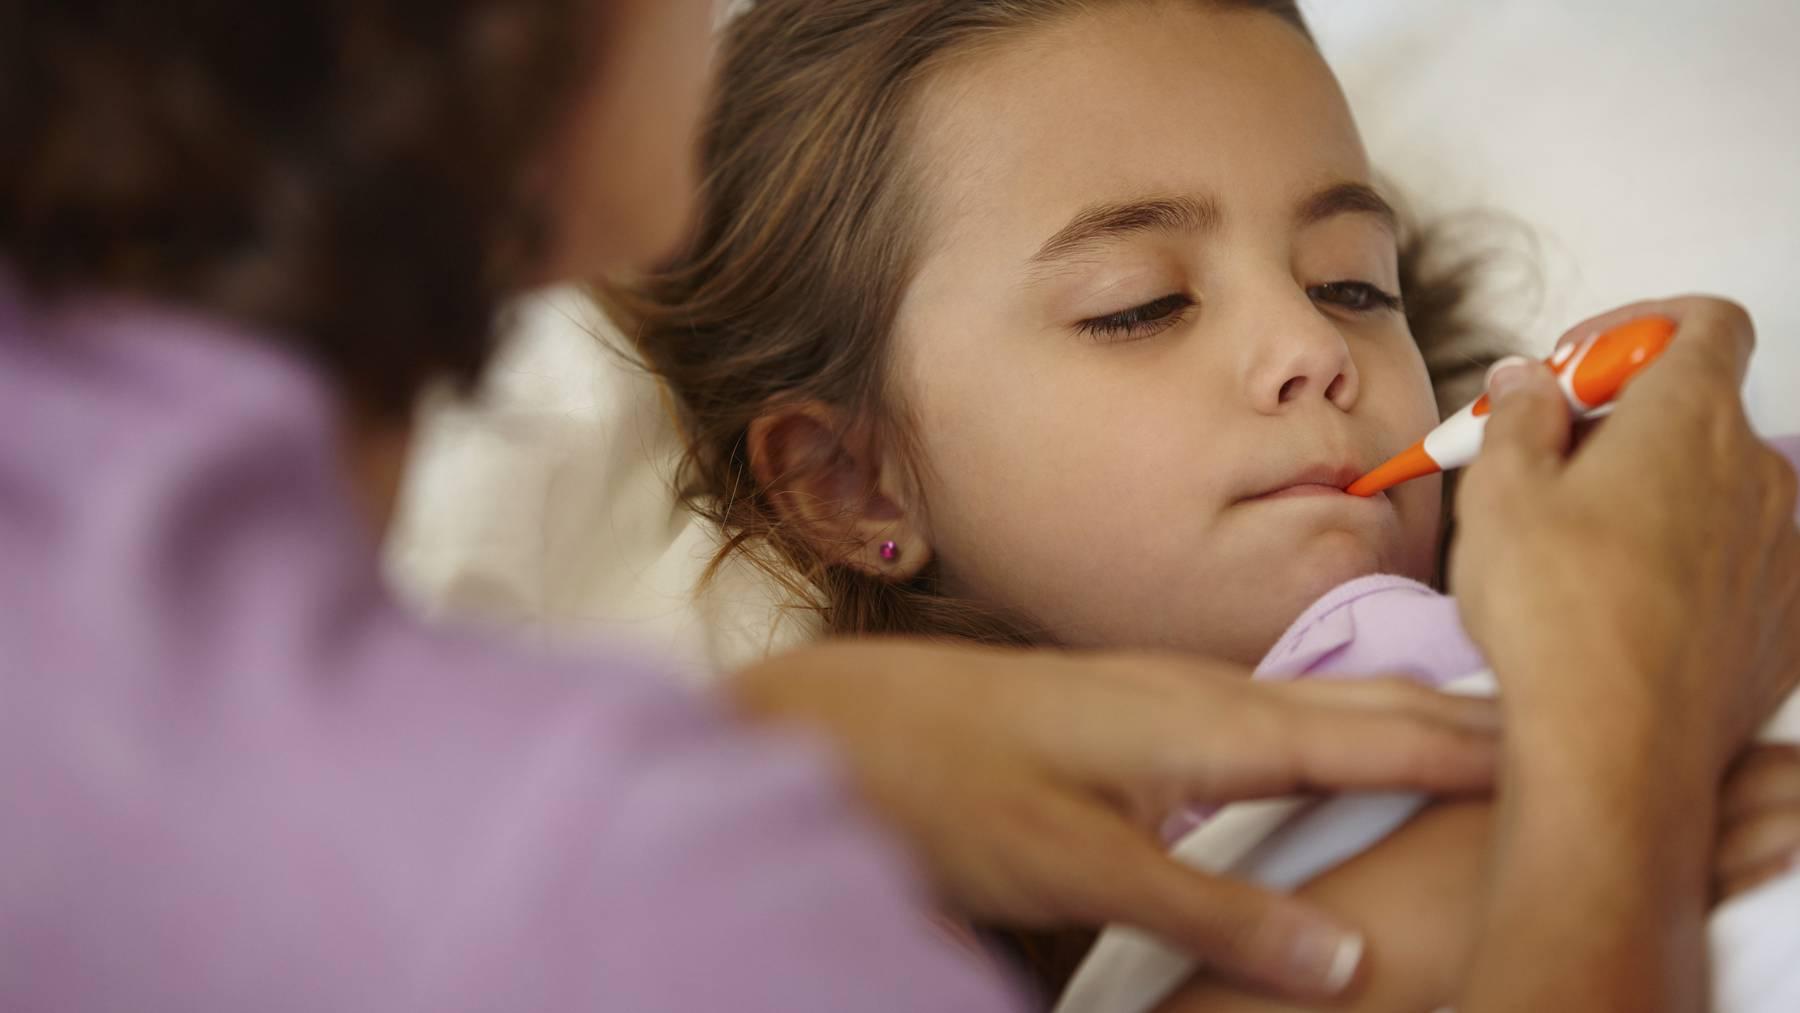 Vor allem Kinder sind von der aktuellen Grippewelle betroffen.